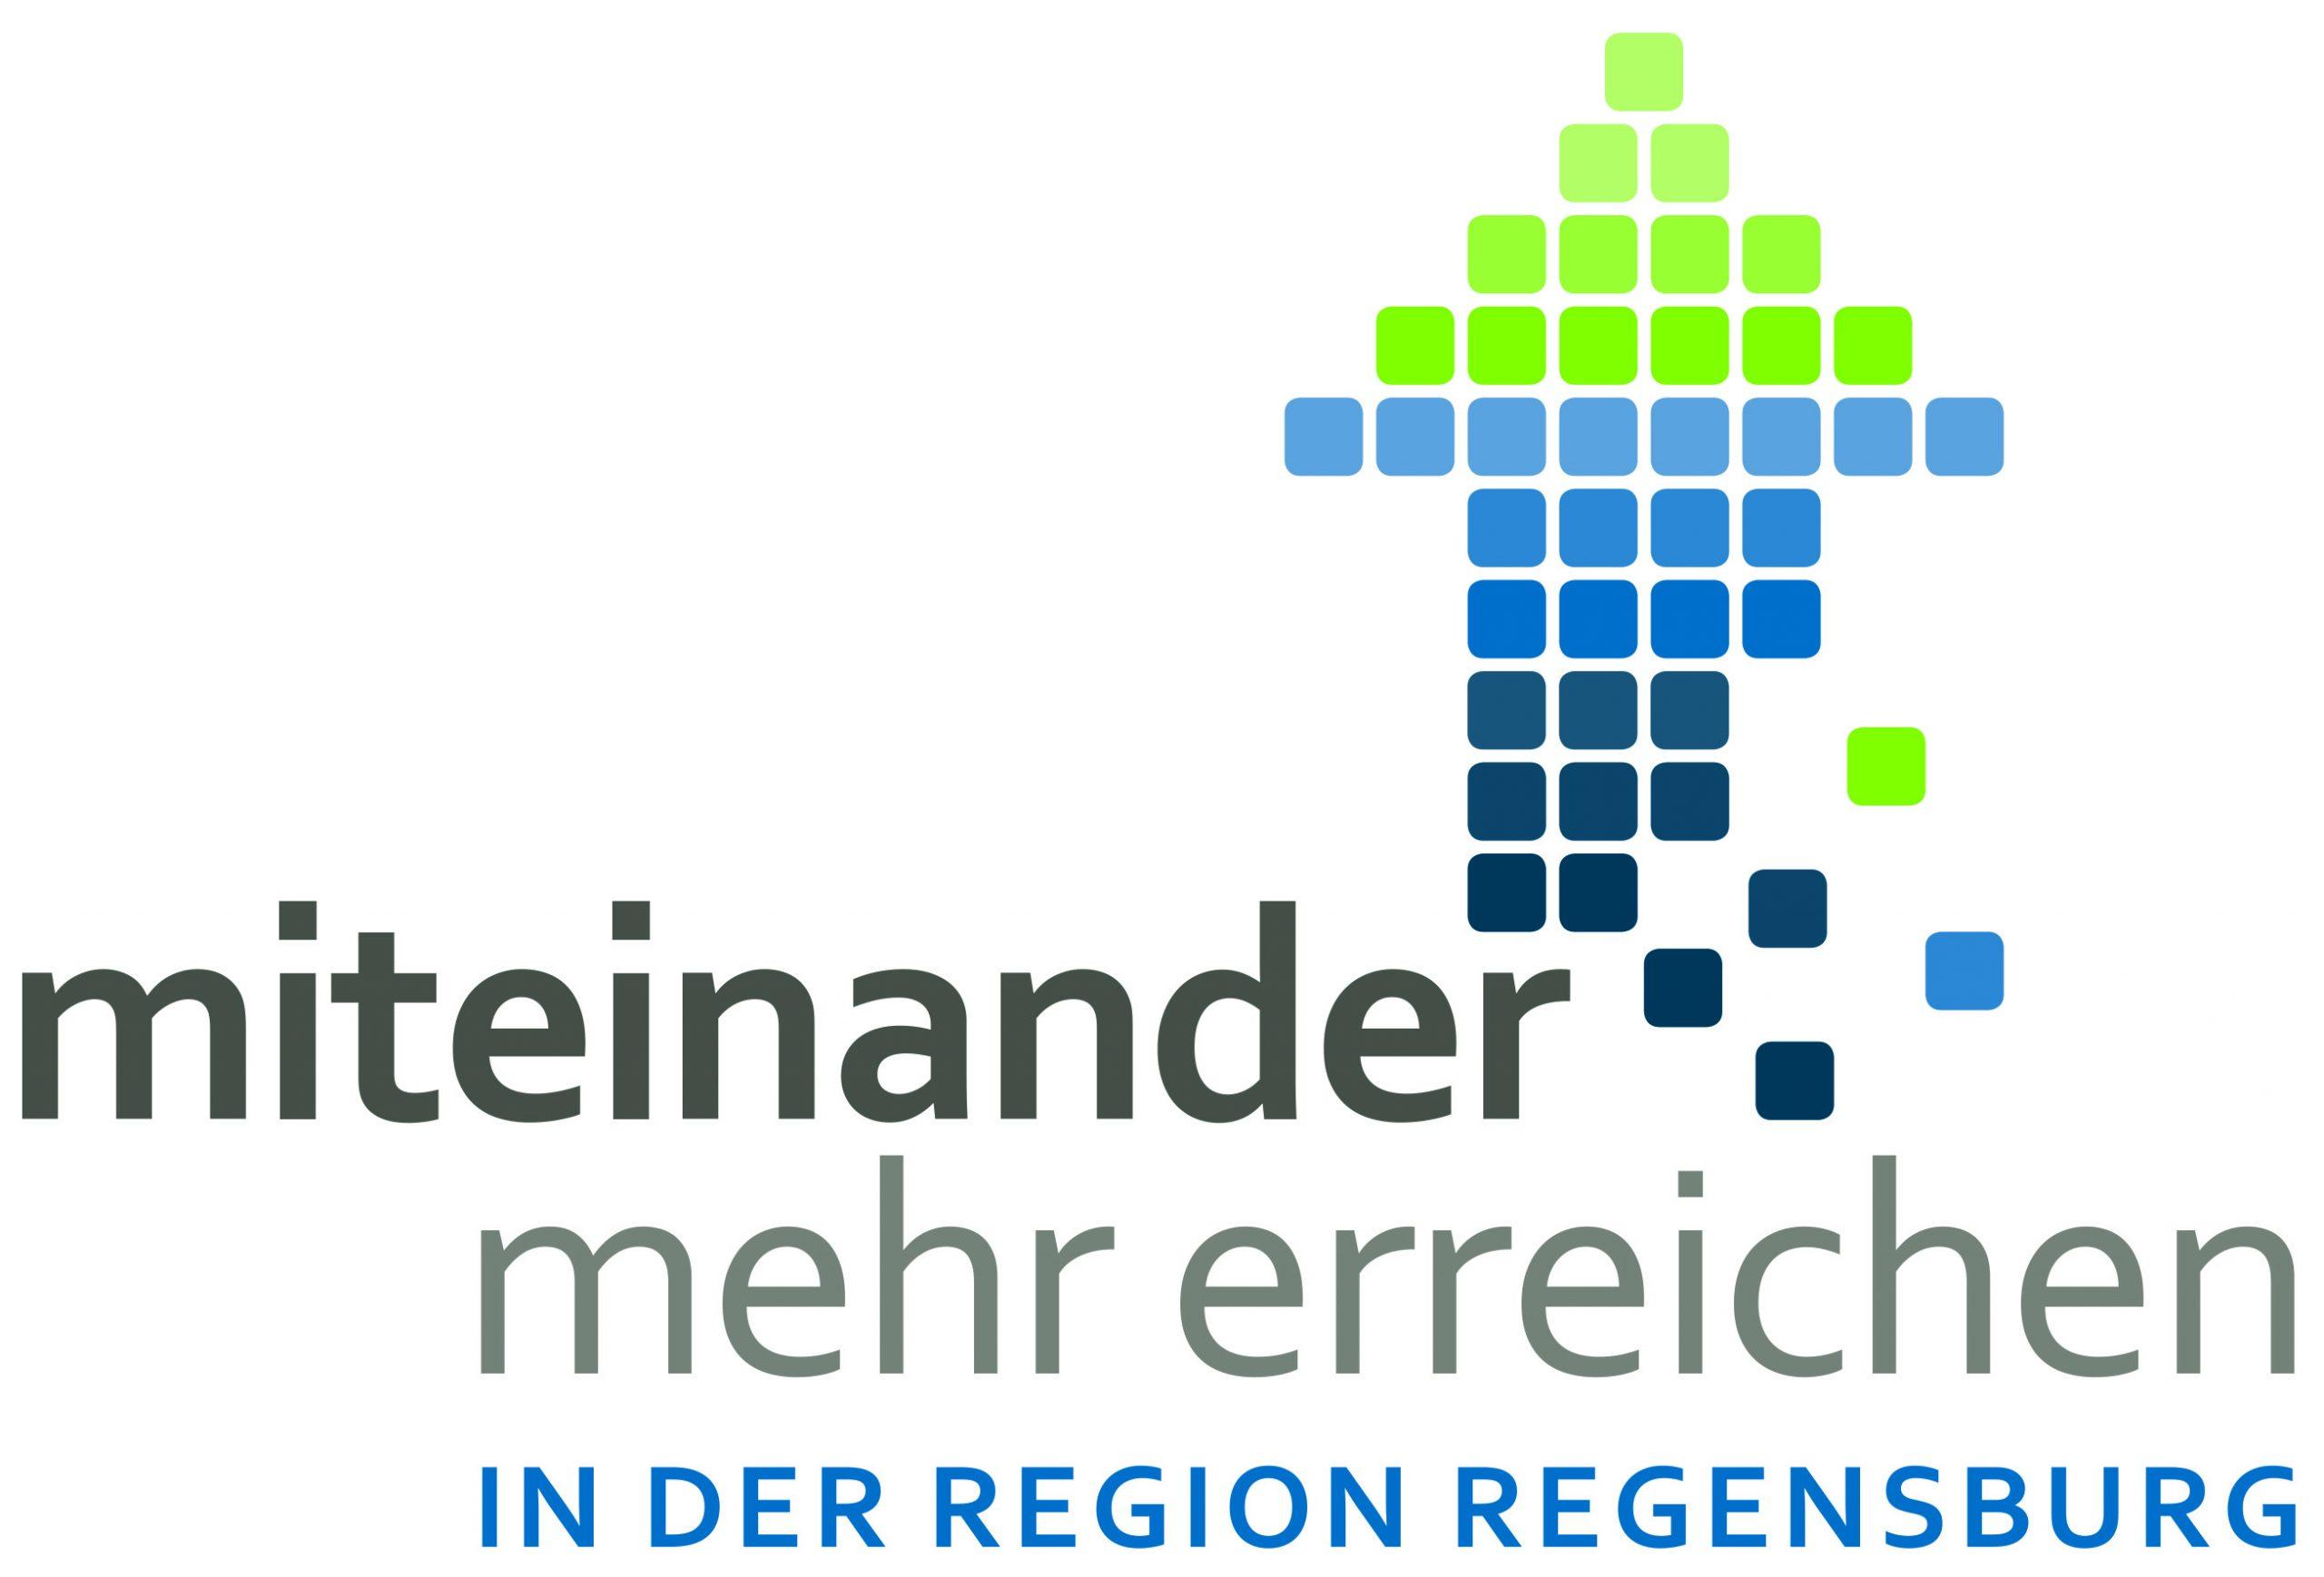 LRA_Logo_Regionalentwicklung_210095_Bel.indd